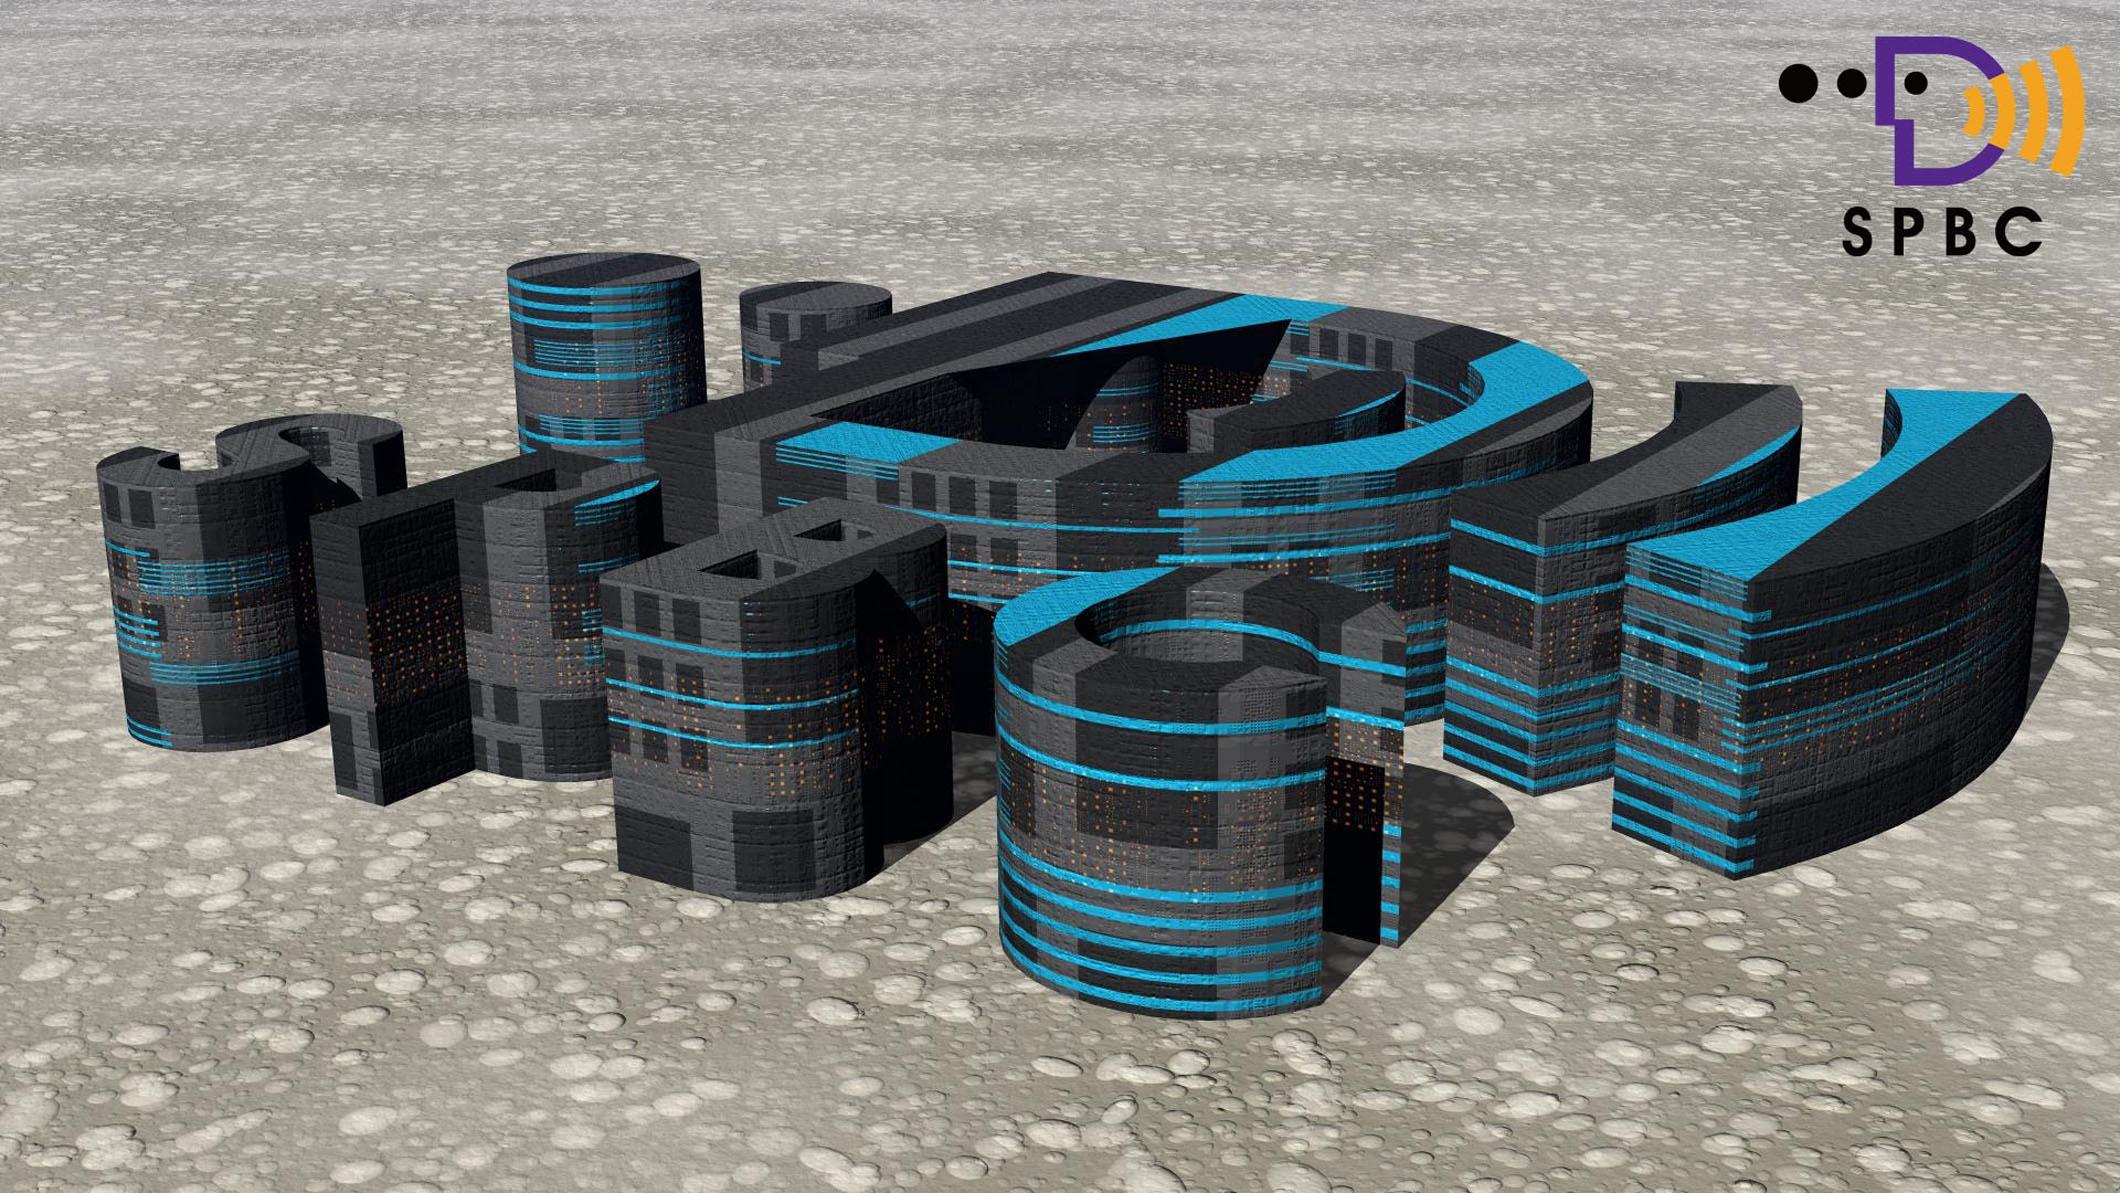 3D LOGO 科幻建築